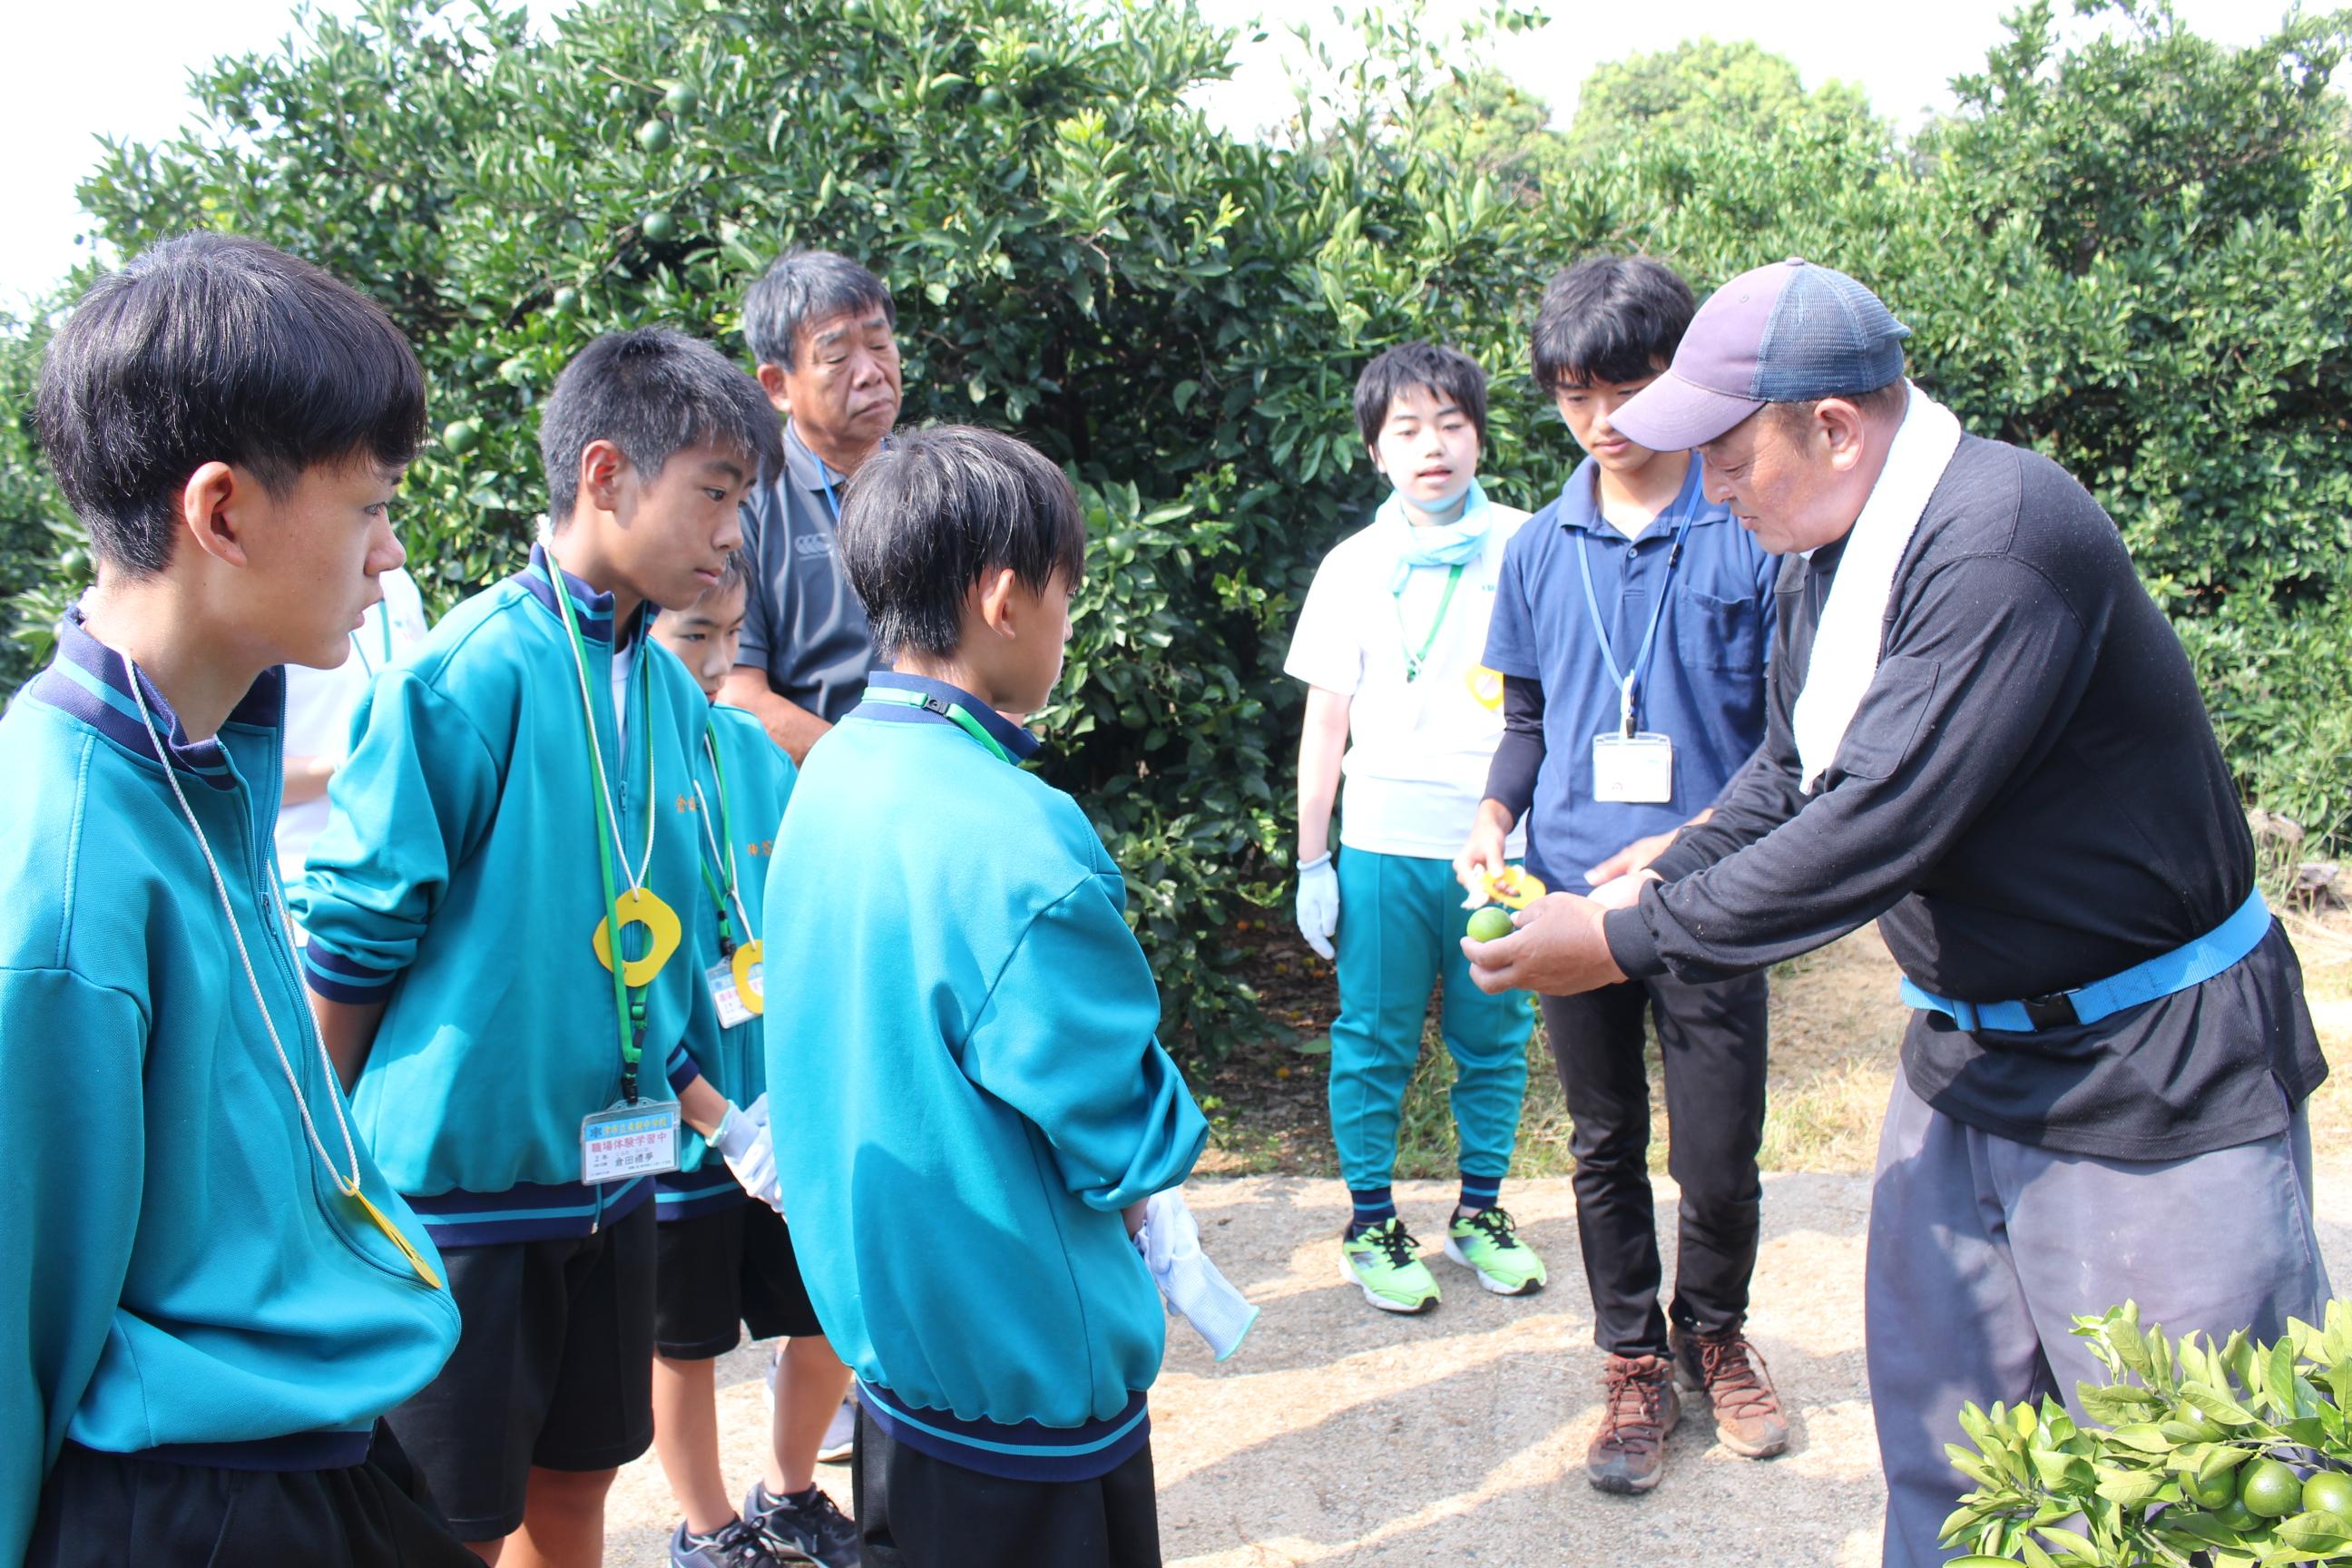 中学生のミカン摘果体験